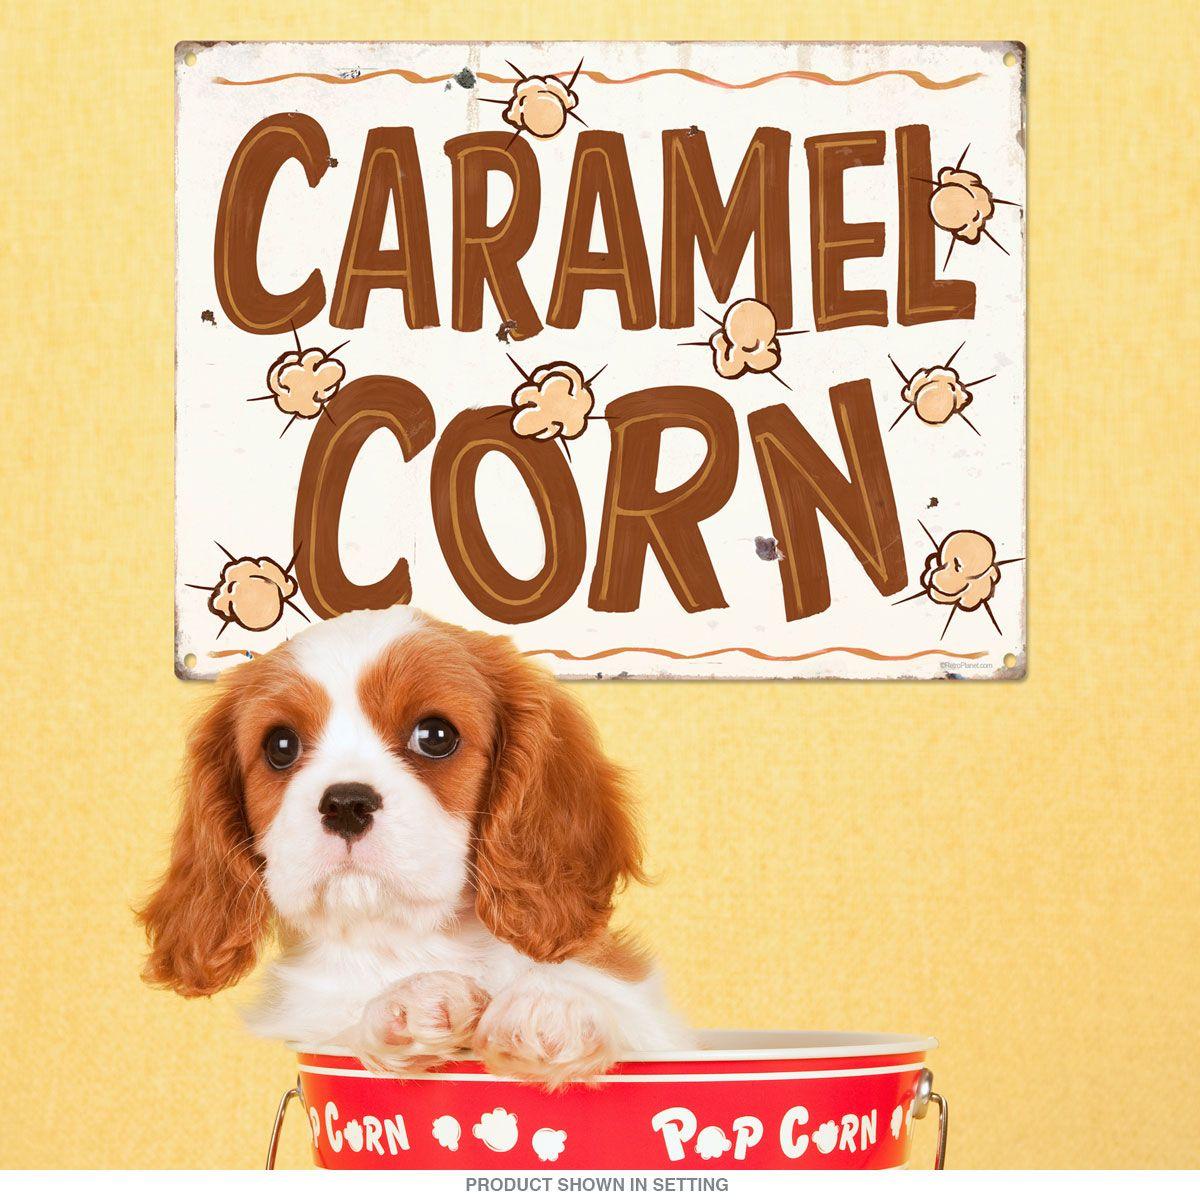 Caramel Corn State Fair Food Metal Sign | Fair foods, Caramel corn ...